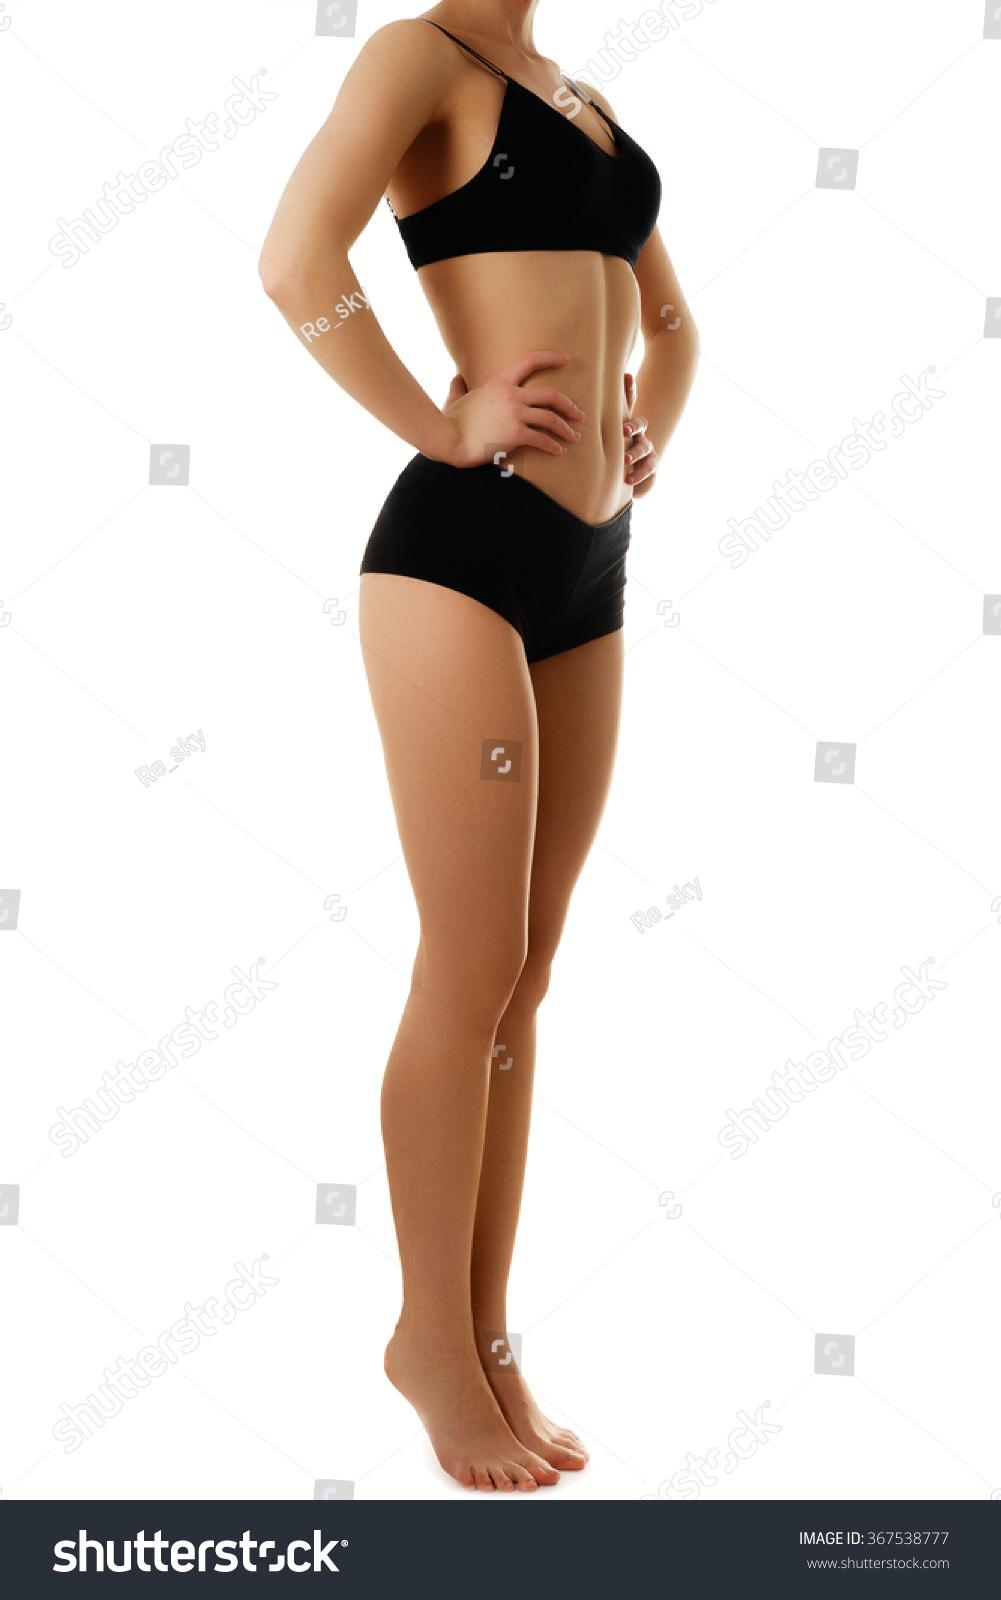 sexy body beautiful woman beautiful woman stock photo 367538777, Human Body